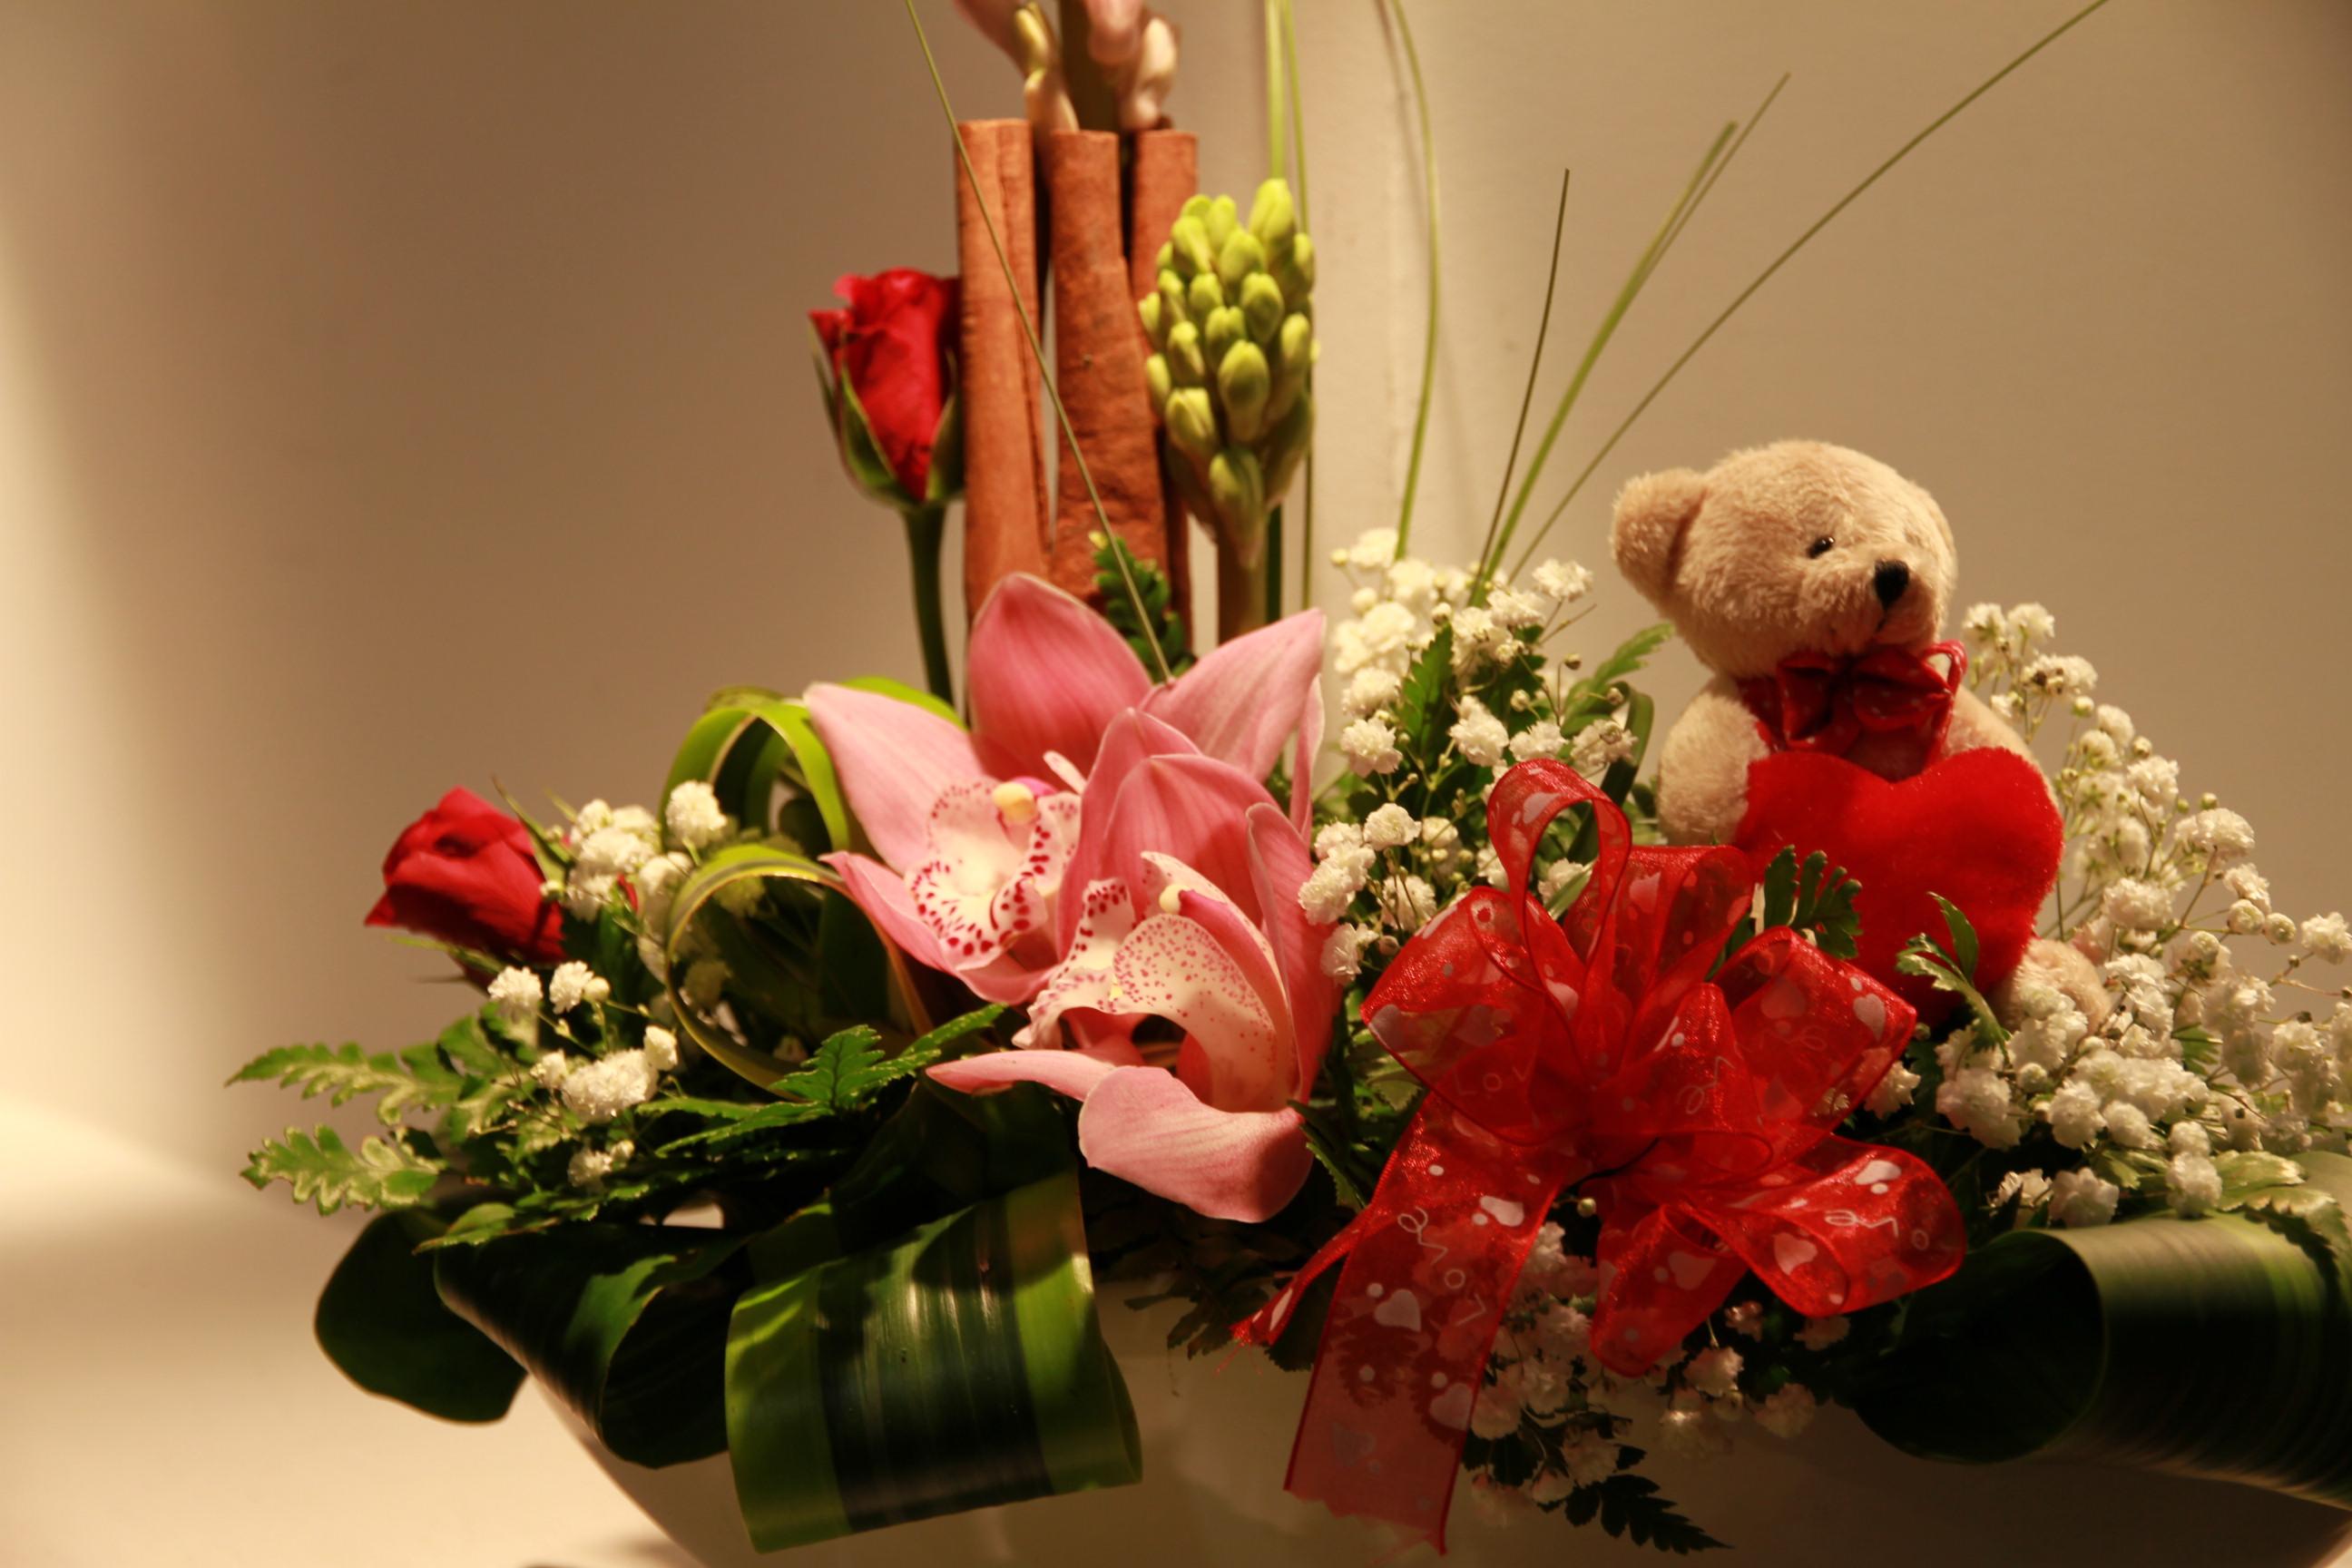 Foto-Arranjo-Floral-Surpreenda-a-sua-cara-metade